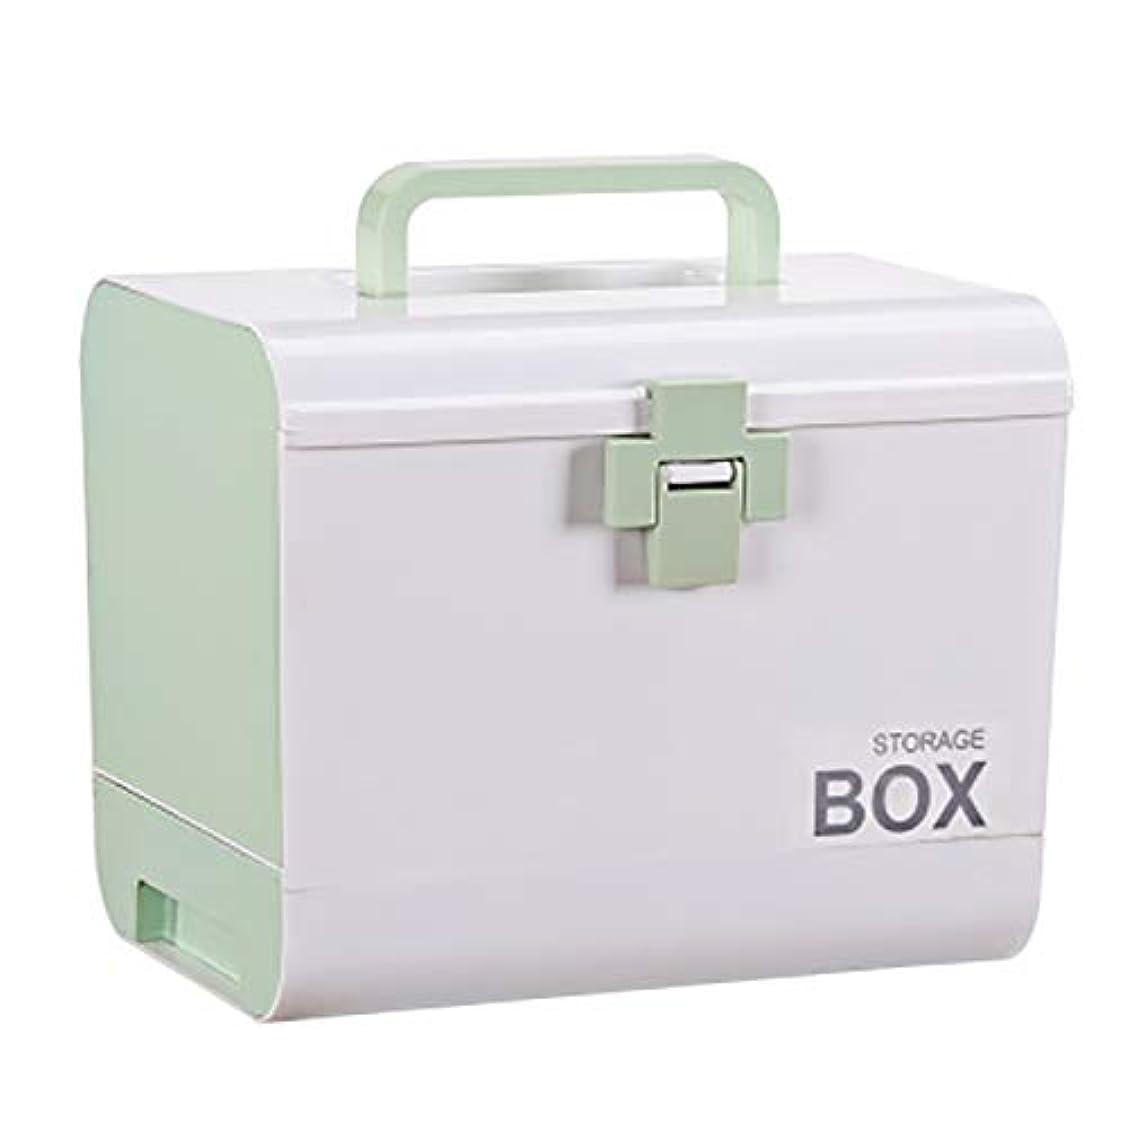 超音速納屋レルムフェリモア 救急箱 救急セット 薬箱 家庭用 メディカルボックス 車載用 防災 ツールボックス (グリーン)